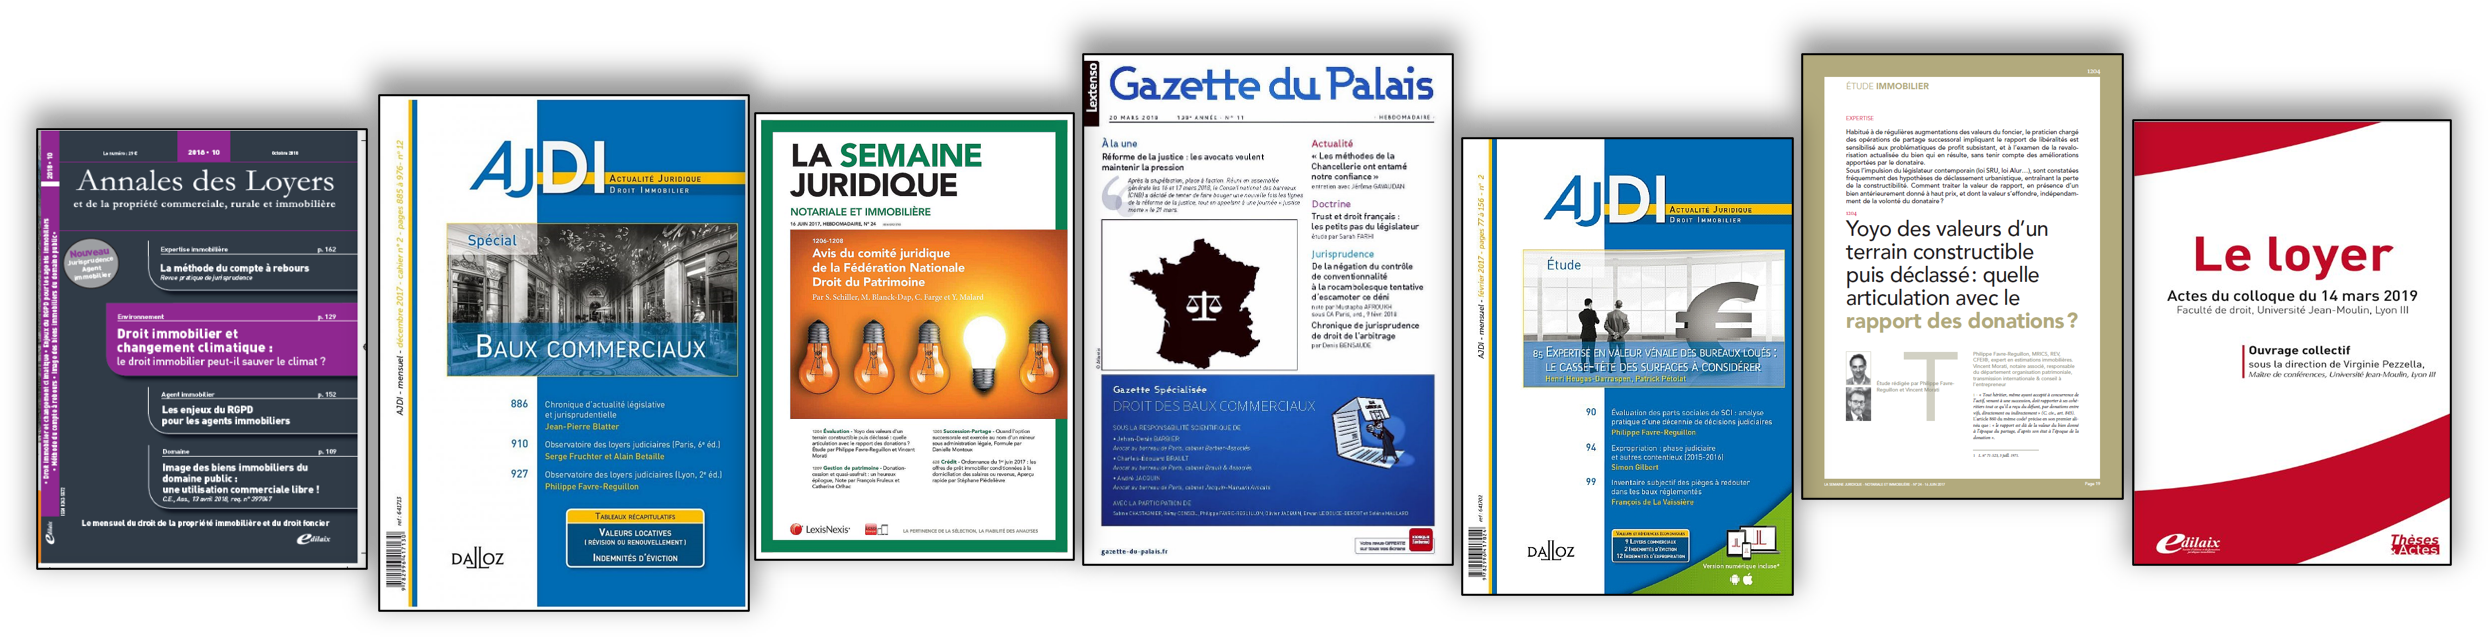 PUBLICATIONS PROFESSIONNELLES DU CABINET IFC EXPERTISE FAVRE-REGUILLON